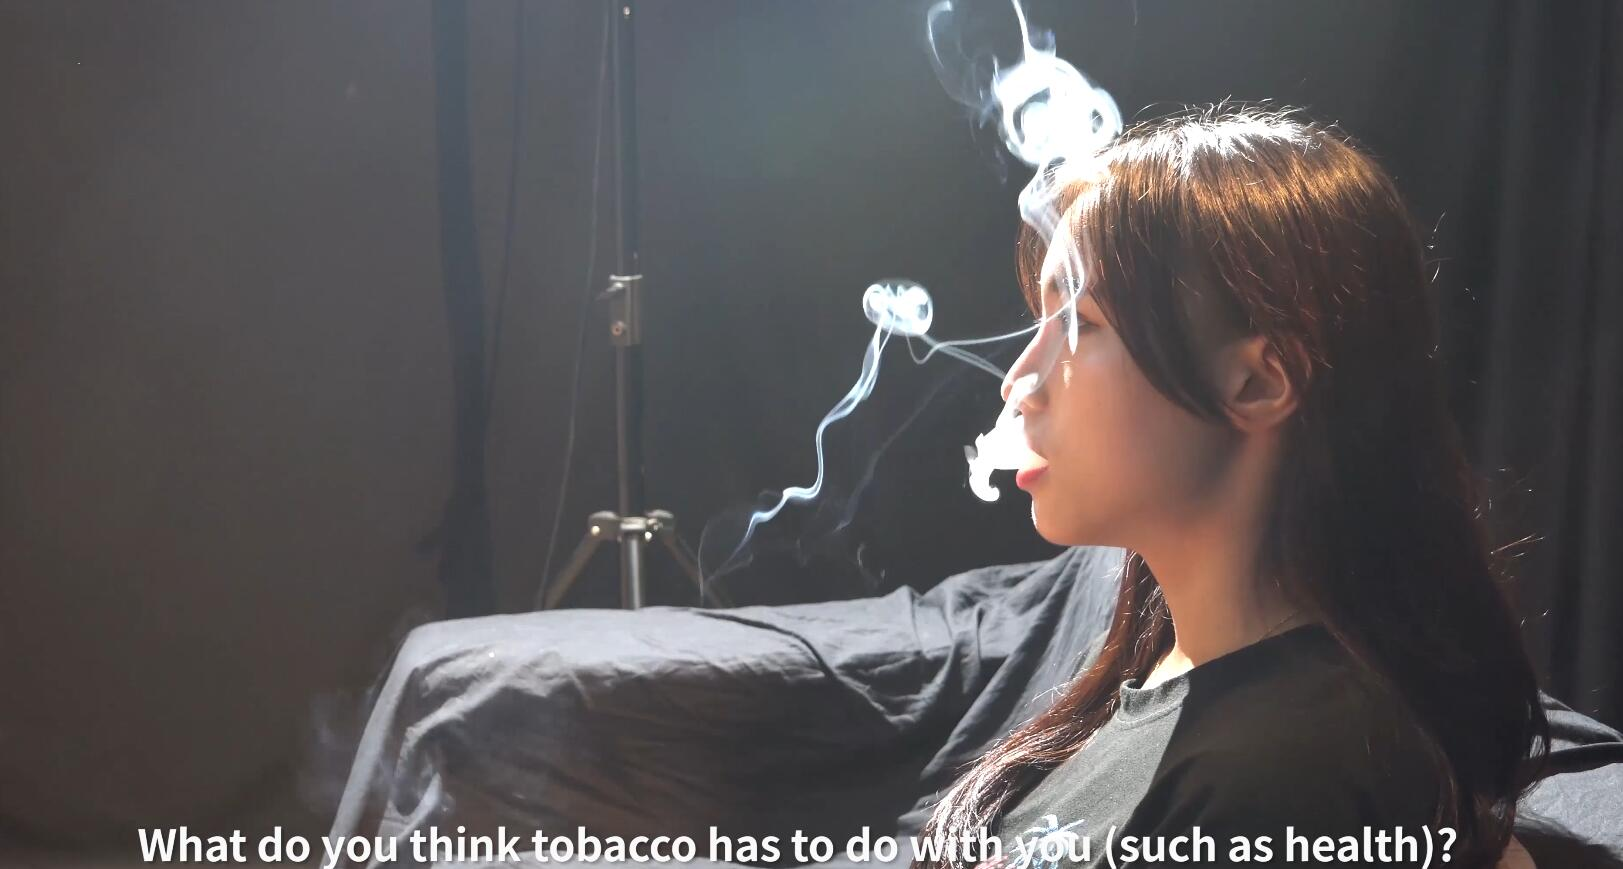 你喜欢劲大的还是劲小的烟?小姐姐说劲小的没感觉